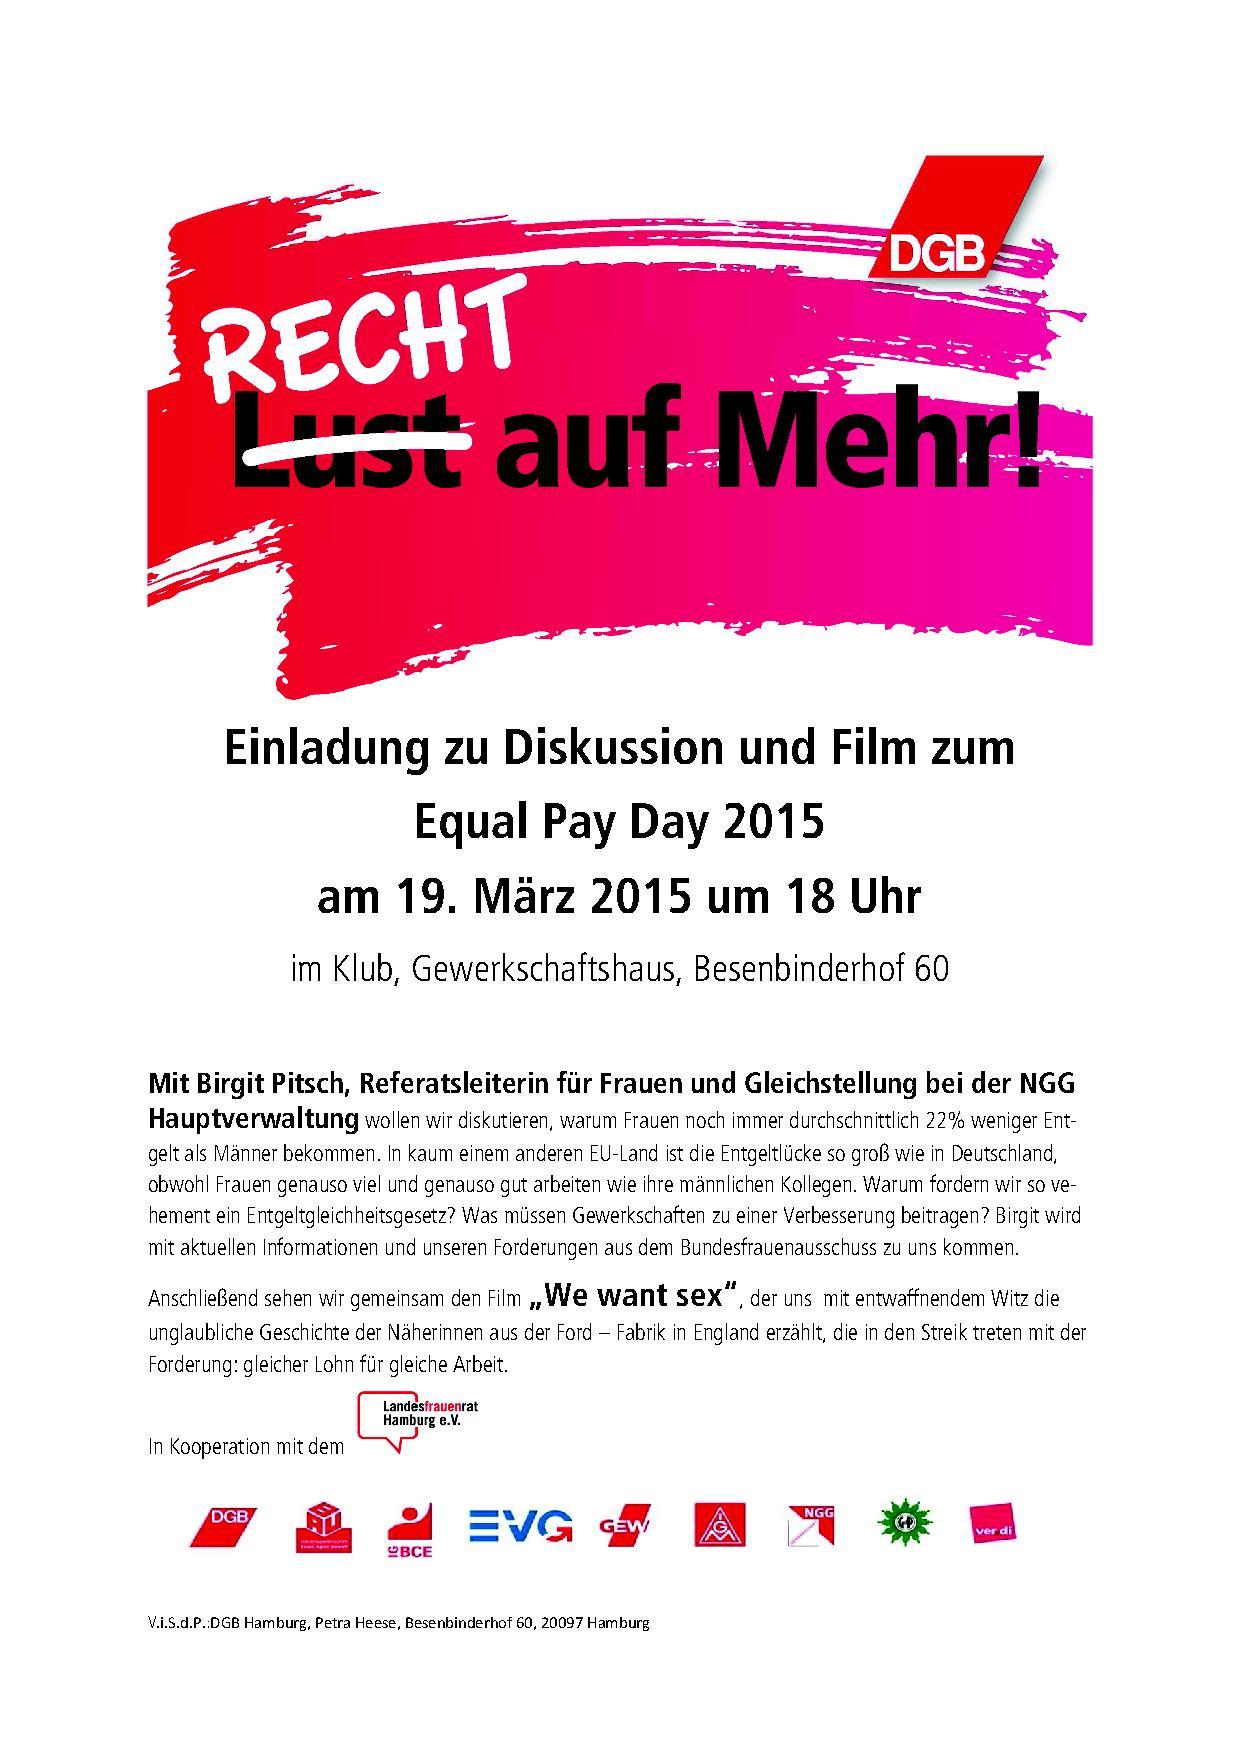 Einladung zu Diskussion und Film zum Equal Pay Day 2015   GEW Hamburg